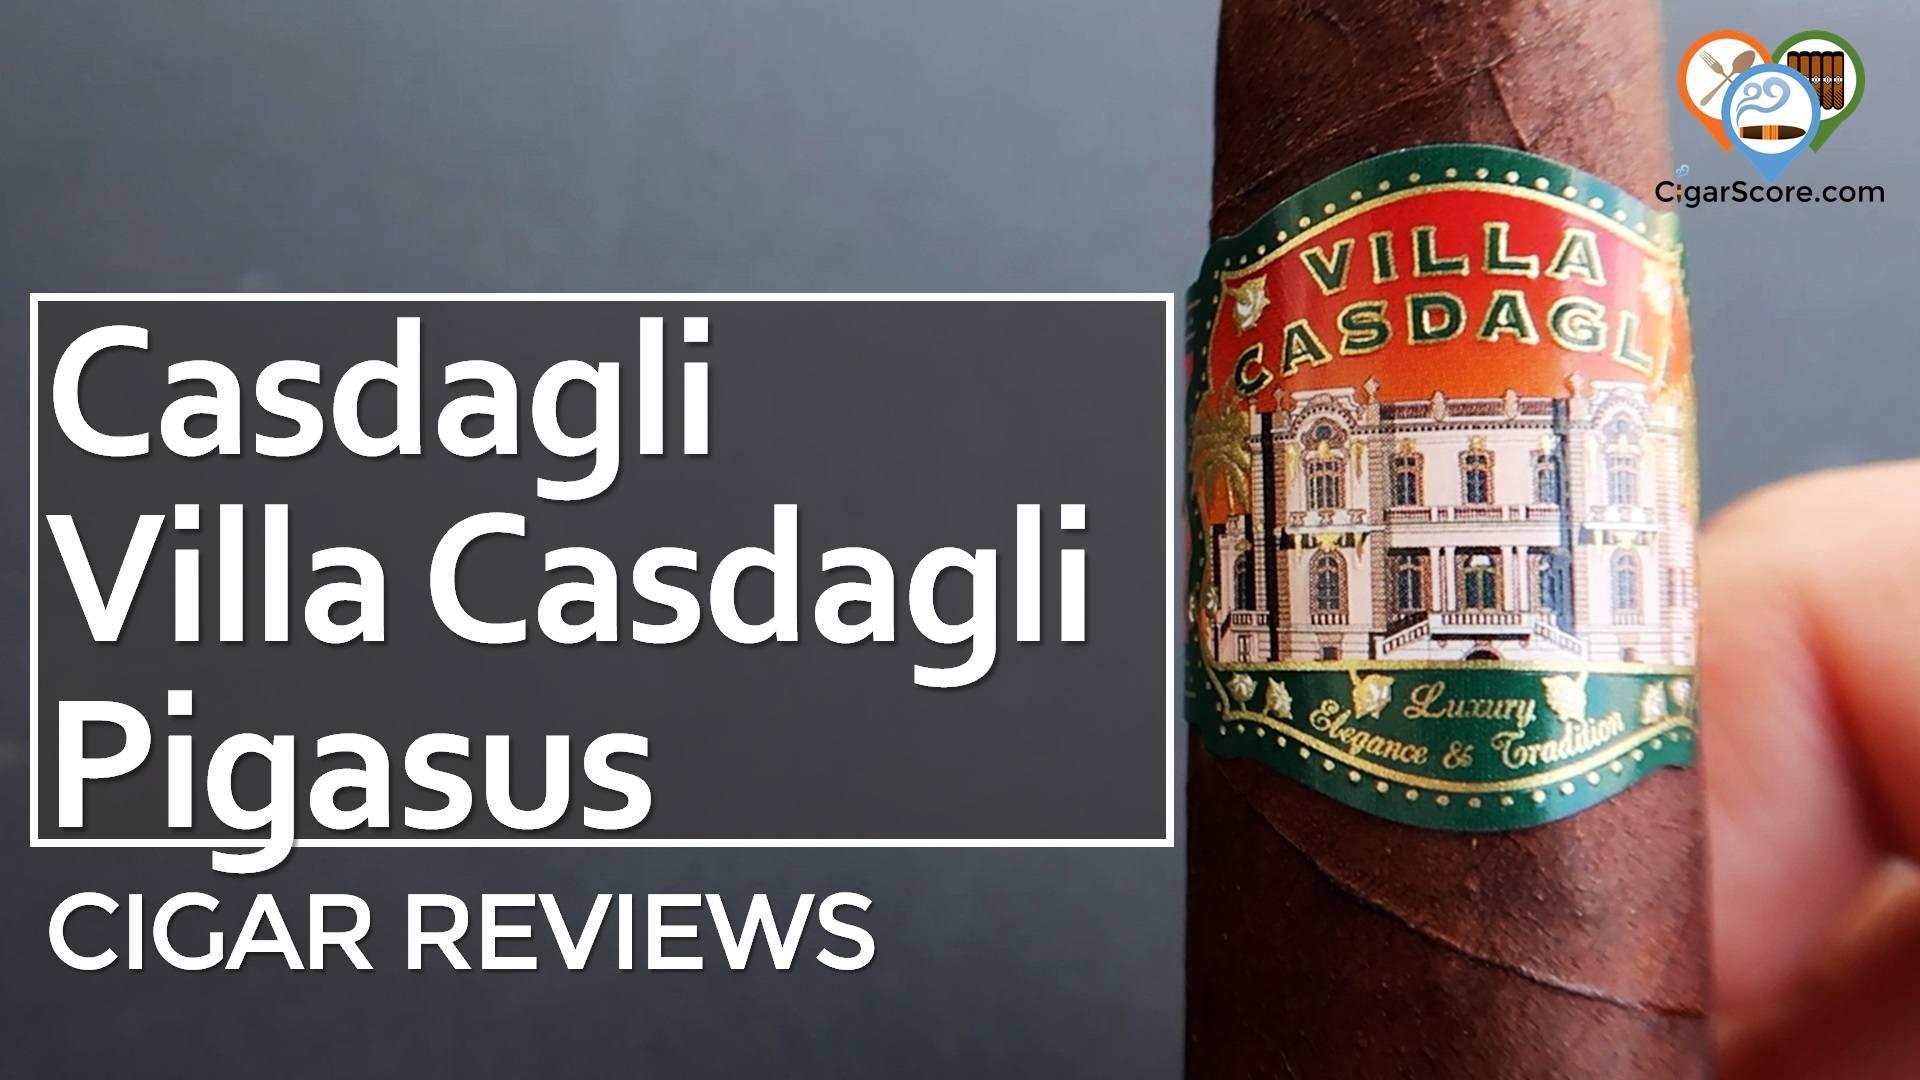 Cigar Review Casdagli Villa Casdagli Pigasus